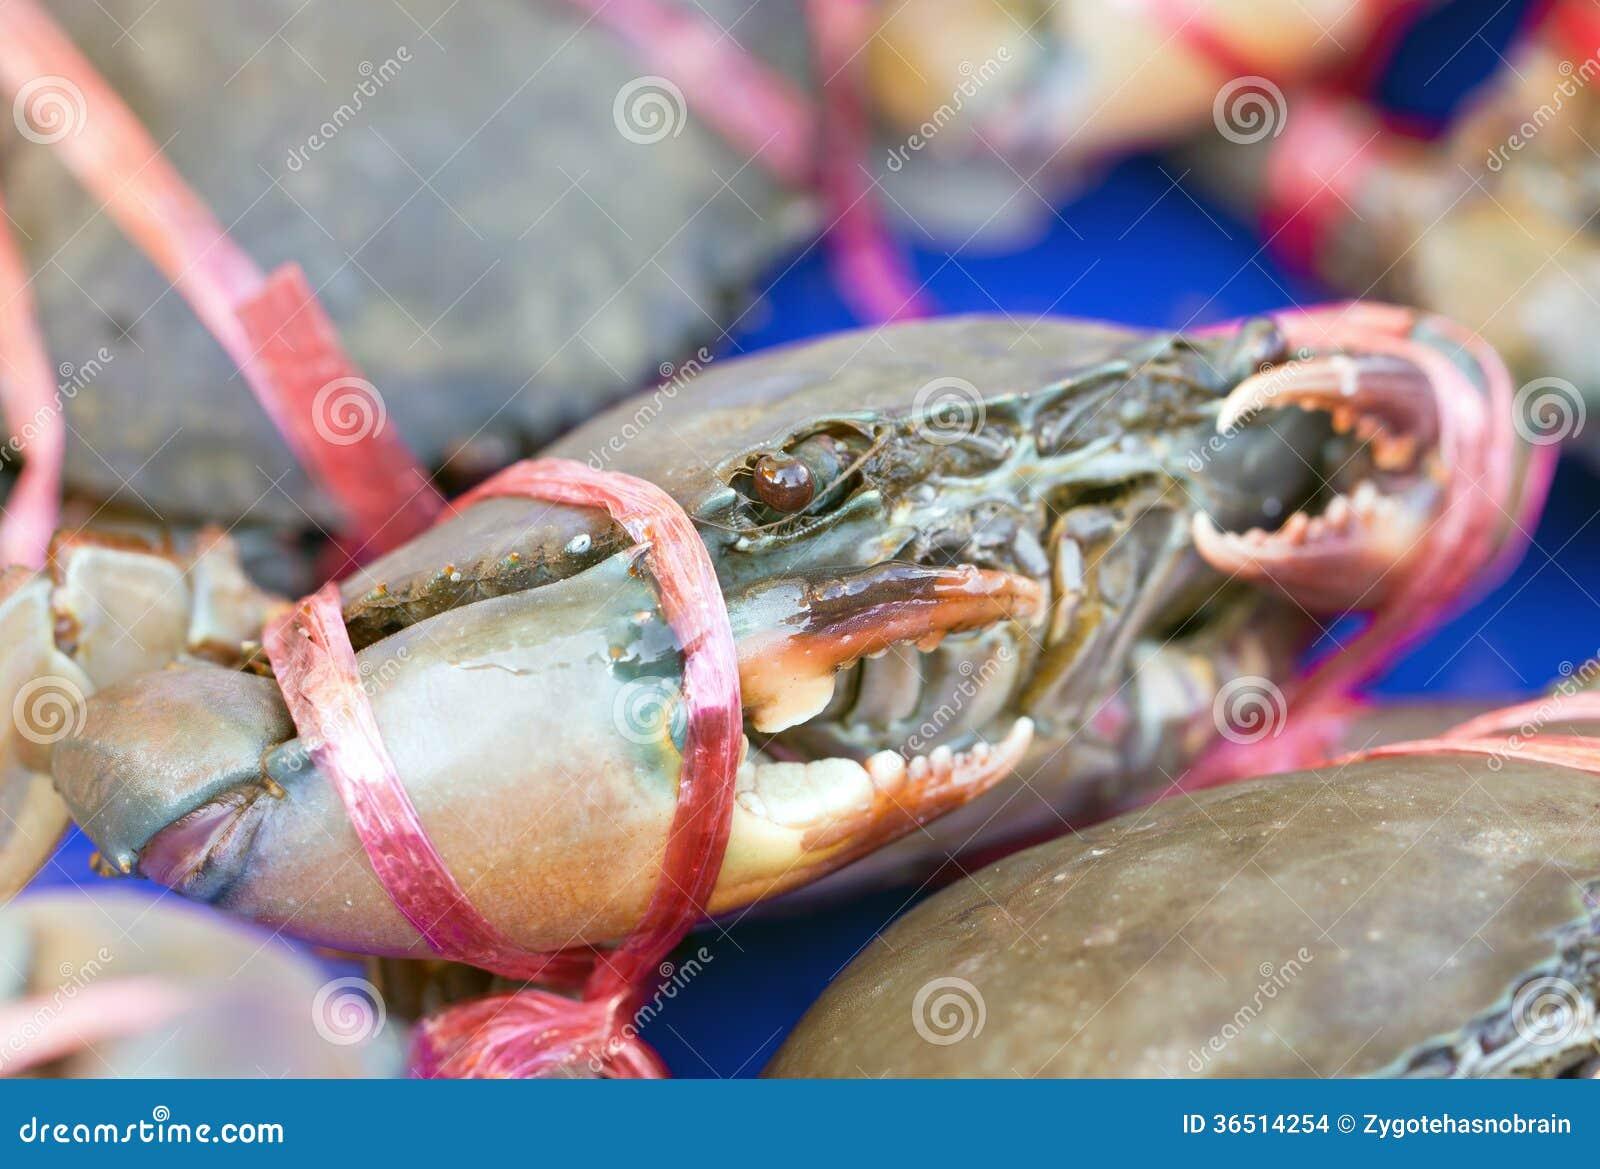 Crabe cru.